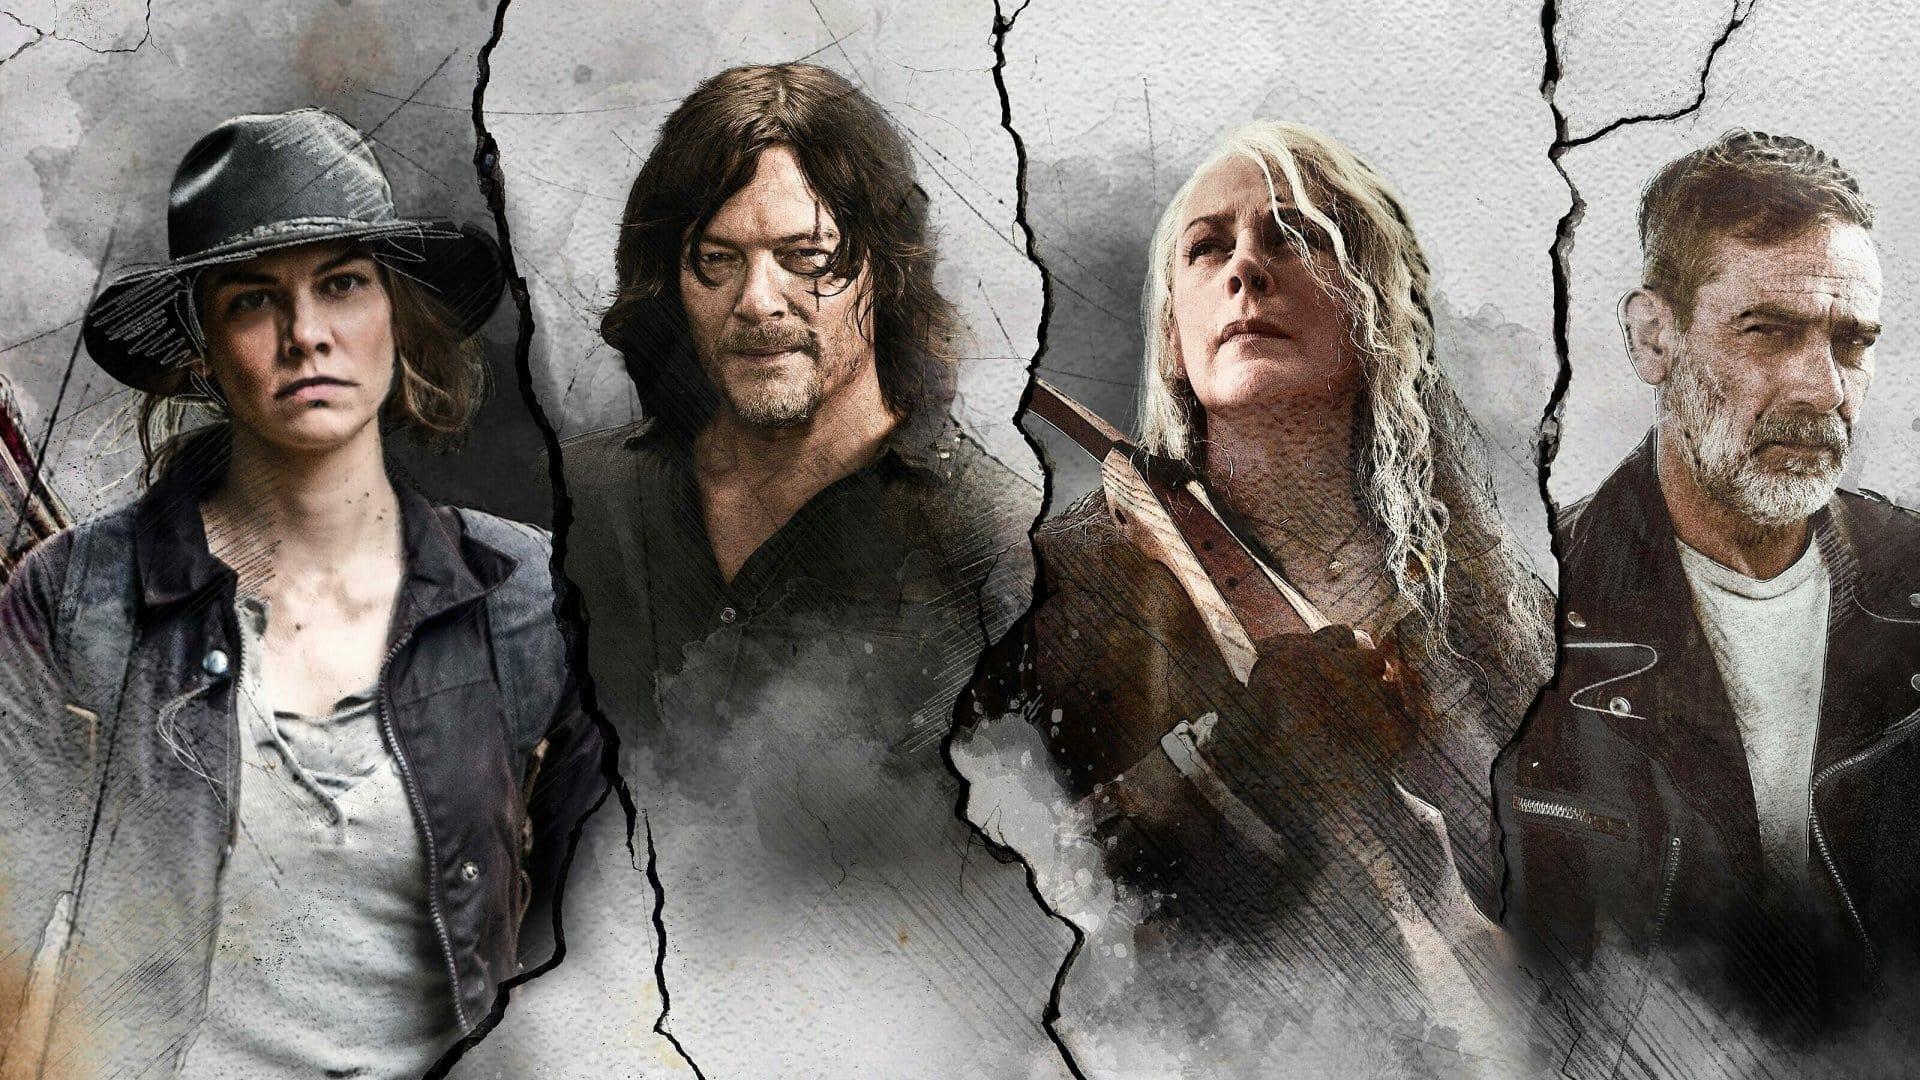 The Walking Dead: Origins Season 1 Episode 3